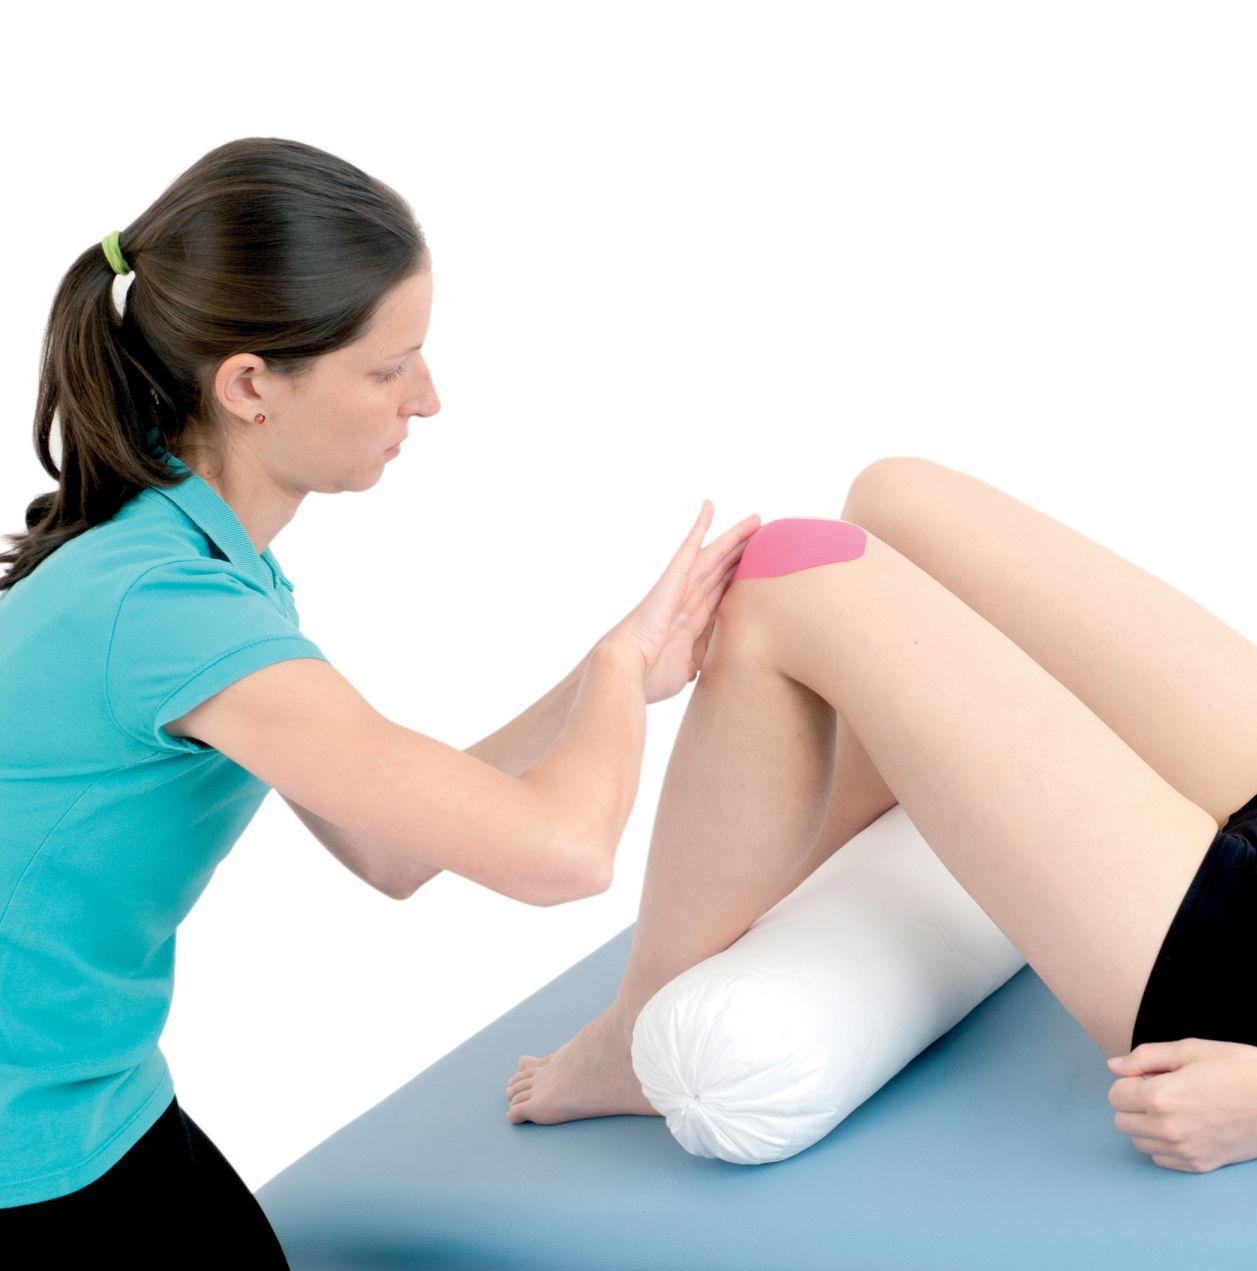 Tejpování stehna a podkolenní jamky 4